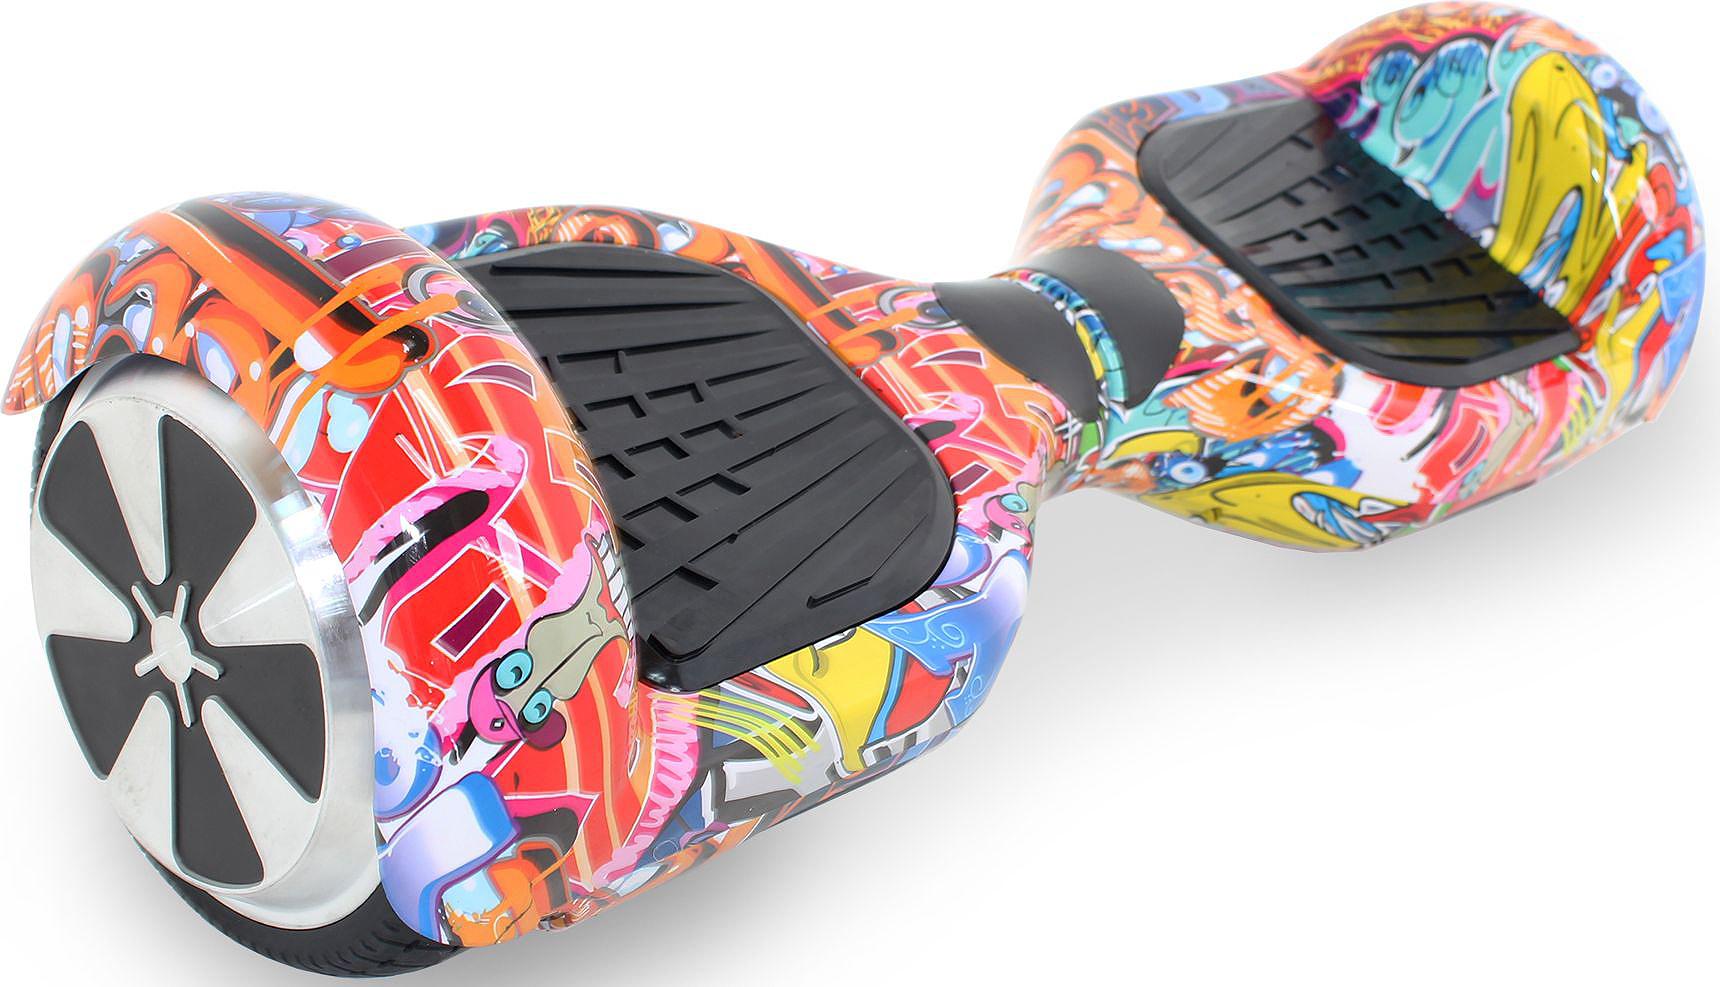 Гироскутер Hoverbot A-3 Light, цвет: Cartoon Multicolor (черный, мультиколор)AIRWHEEL M3-162.8Гироскутер Hoverbot А-3 Light это абсолютно новое и самое современное устройство в классе 6,5 колёс. Данный гаджет оснащен очень мощным мотором и высокочувствительными датчиками. Такое сочетание характеристик дало возможность вашему А-3 Light шустро ездить по дорогам даже при максимальной нагрузке 120 кг. При производстве мы используем только самые качественные комплектующие известных производителей. Светящиеся габаритные огни сделают Вас ярче всех, а также выделят в любой тусовке!!! Так же гироскутер оснащен Bluetooth технологией и очень хорошей колонкой, просто подключите ваш гаджет к устройству и наслаждайтесь любимой музыкой на полную мощность!!! Такая модель как Hoverbot А-3 Light идеально подойдёт как для профессионалов, так и для начинающих райдеров. В комплекте идет сумка для переноски устройства и имеется пульт управления, для более удобного использования. Теперь вы всегда будете ярко выделяться на гироскутере Hoverbot А-3 Light, и наслаждаться любимой музыкой в дороге.